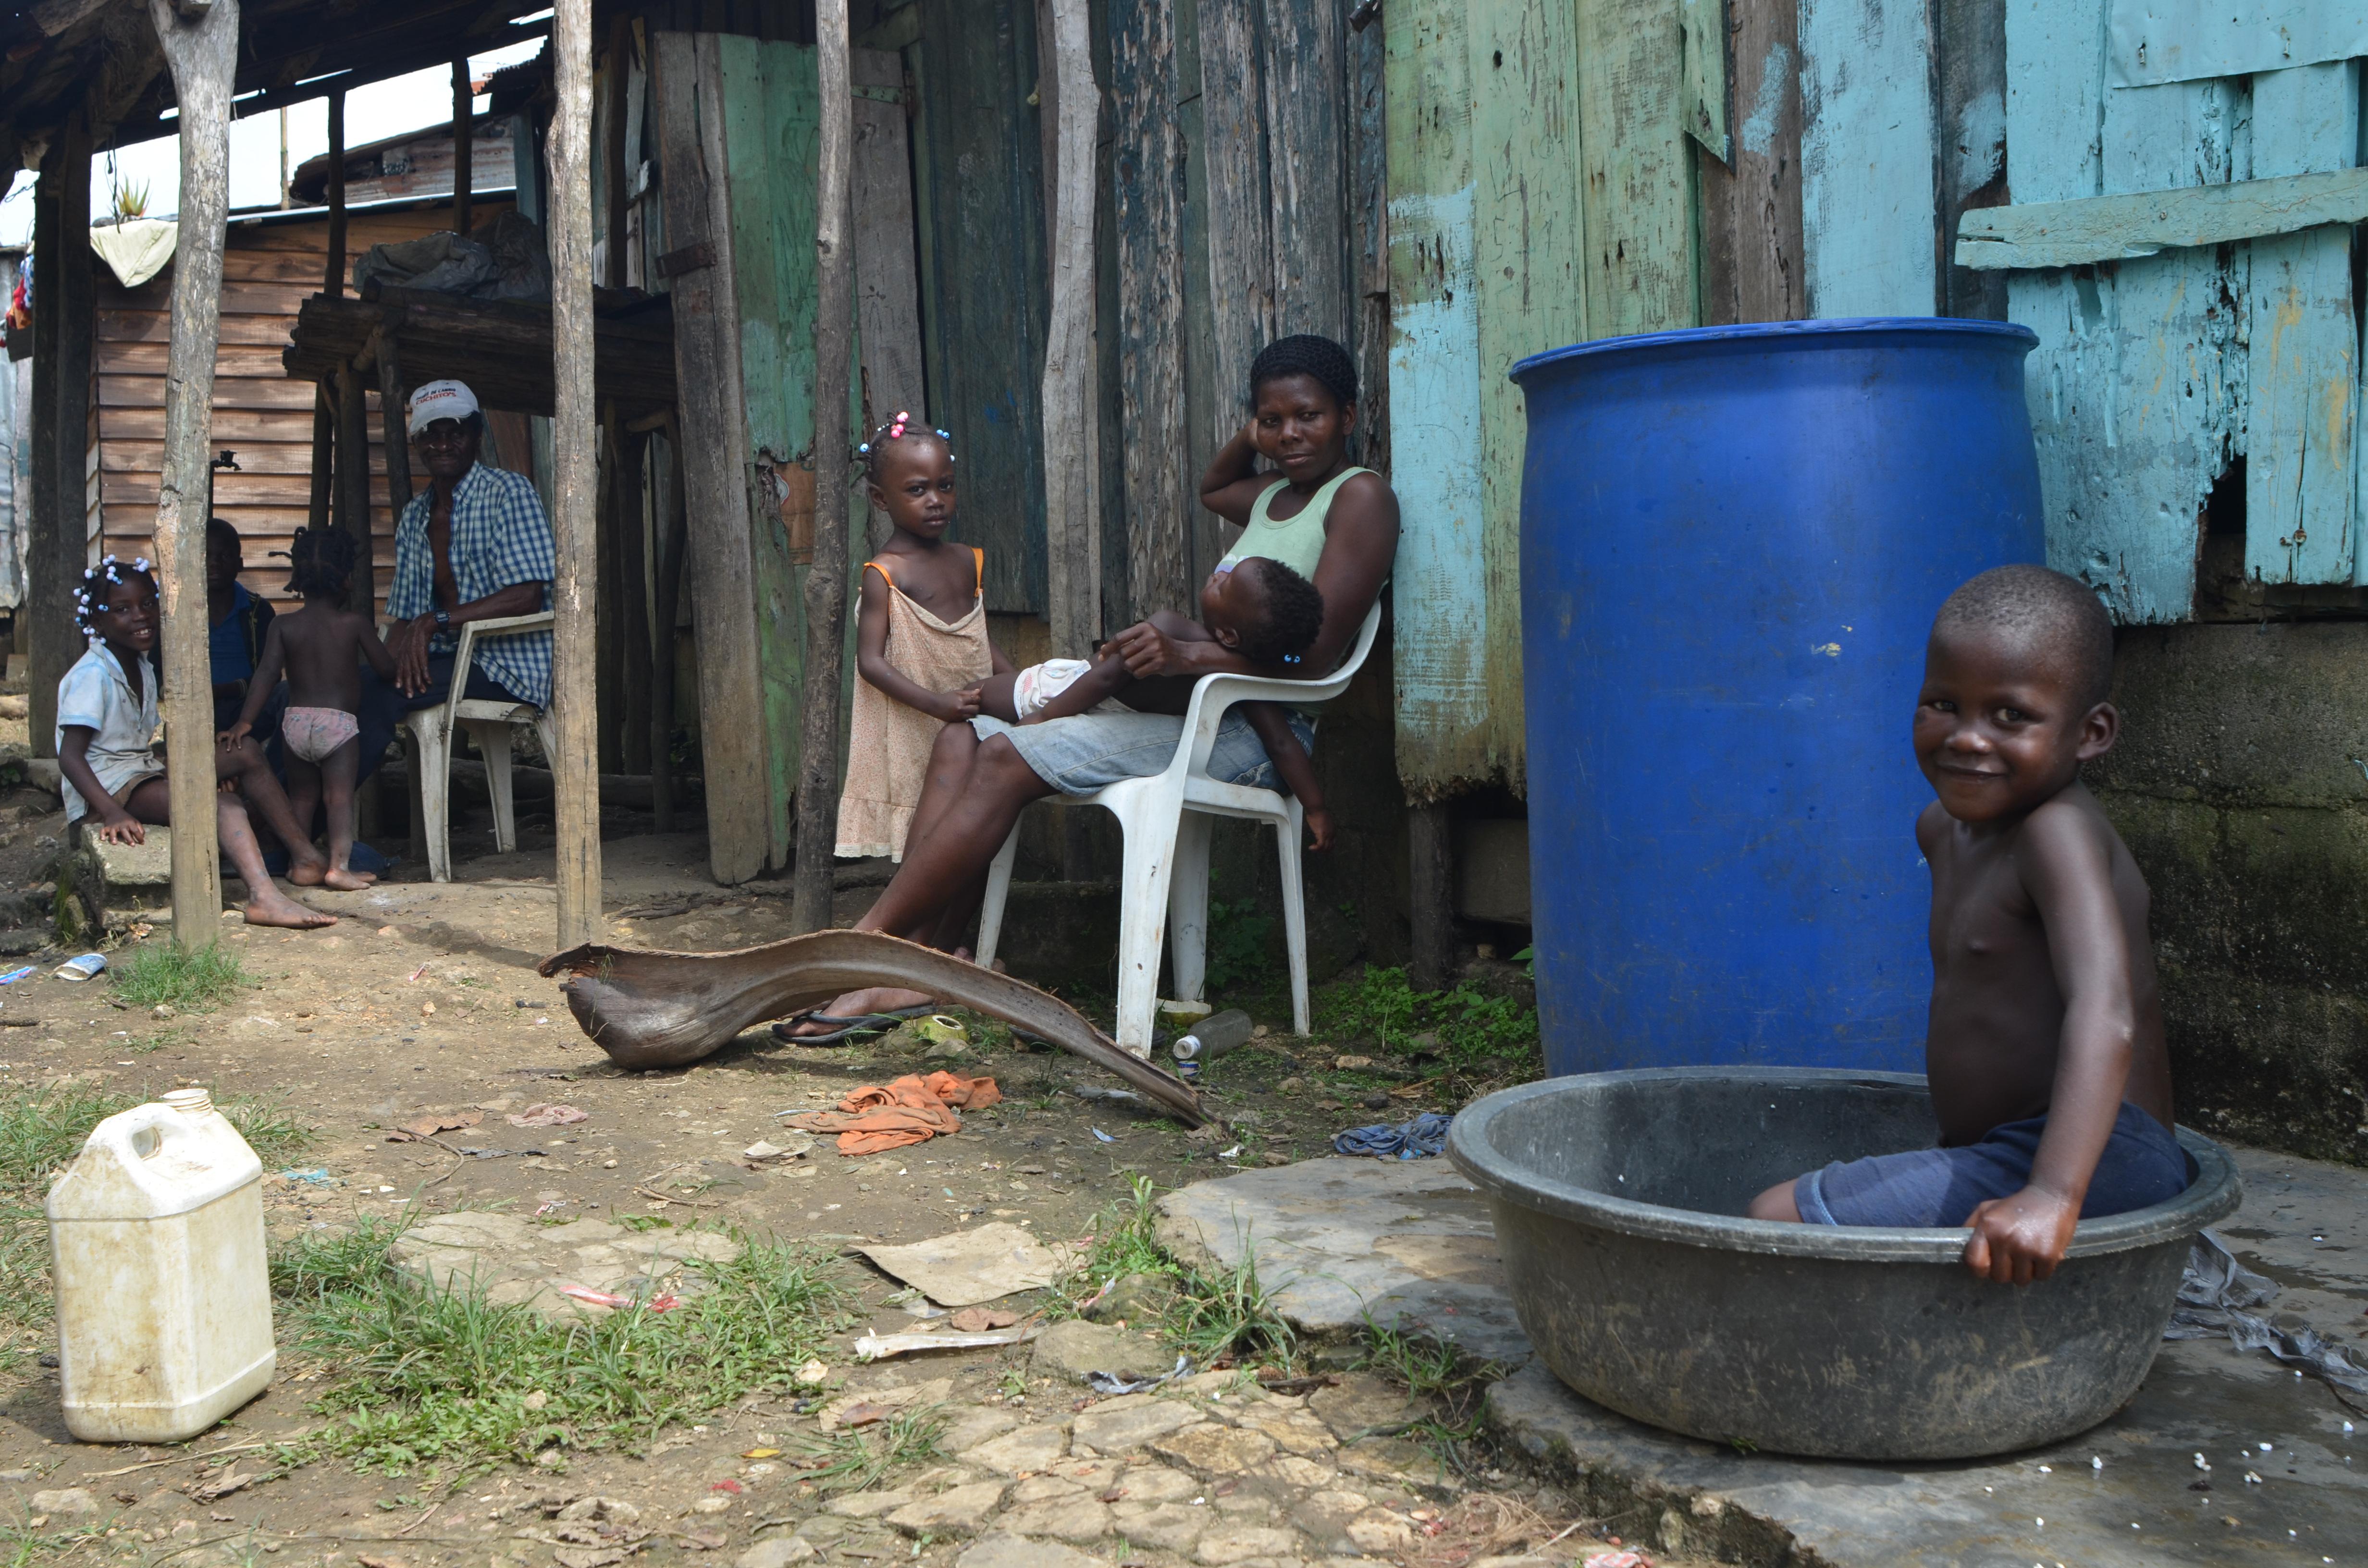 Como Es Vivir En Haiti nacer dominicano y vivir en el limbo | noticias univision